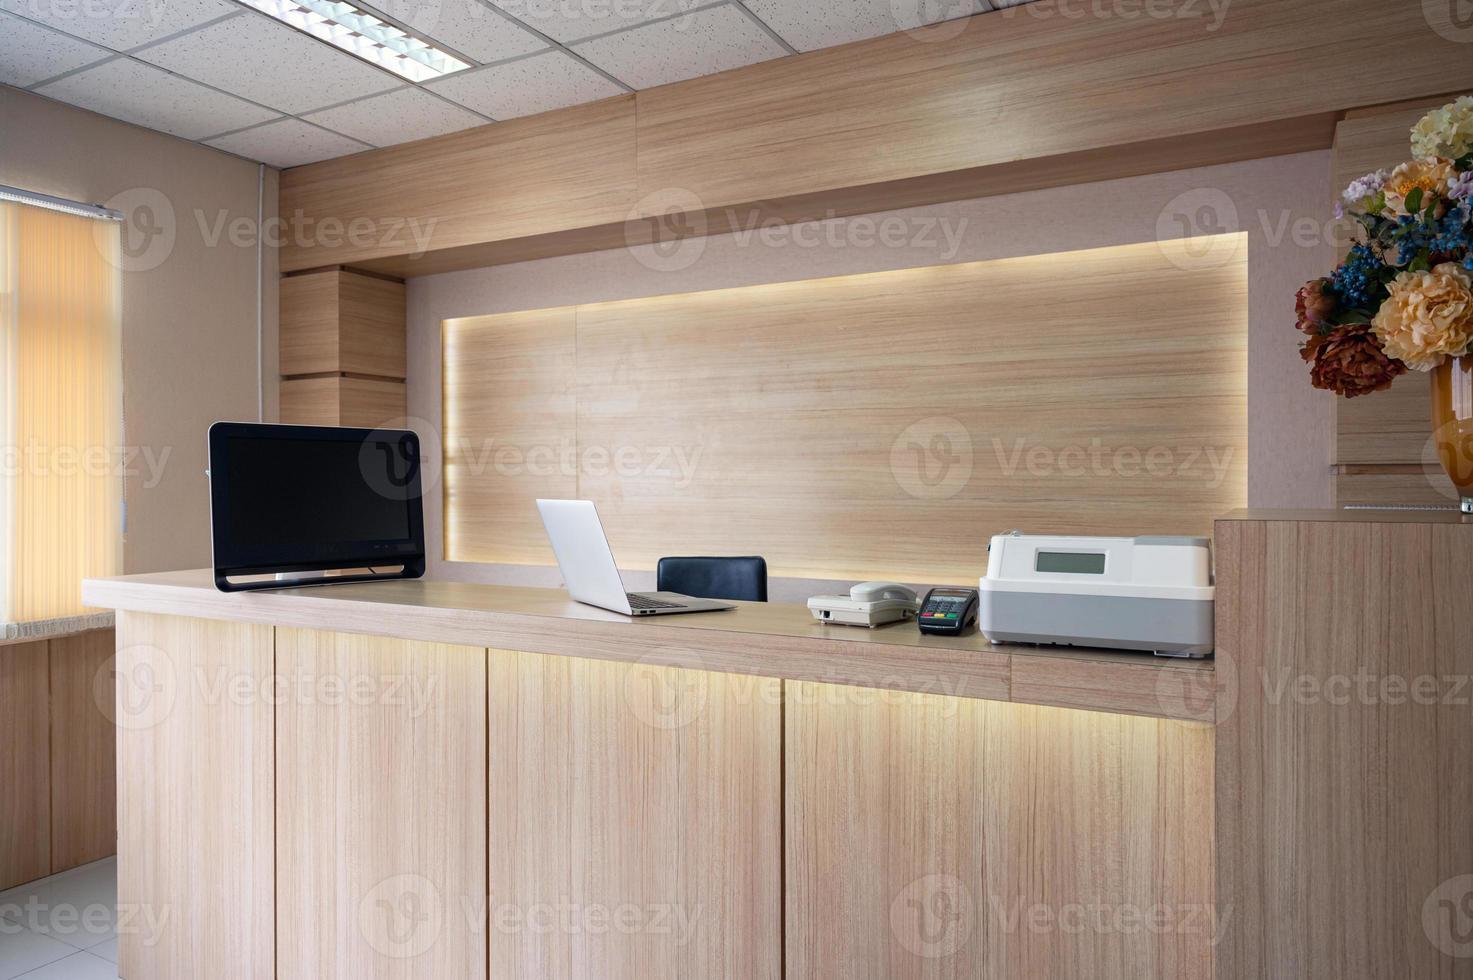 Mostrador de recepción de madera moderna con monitor, portátil y dispositivo electrónico en el hospital foto